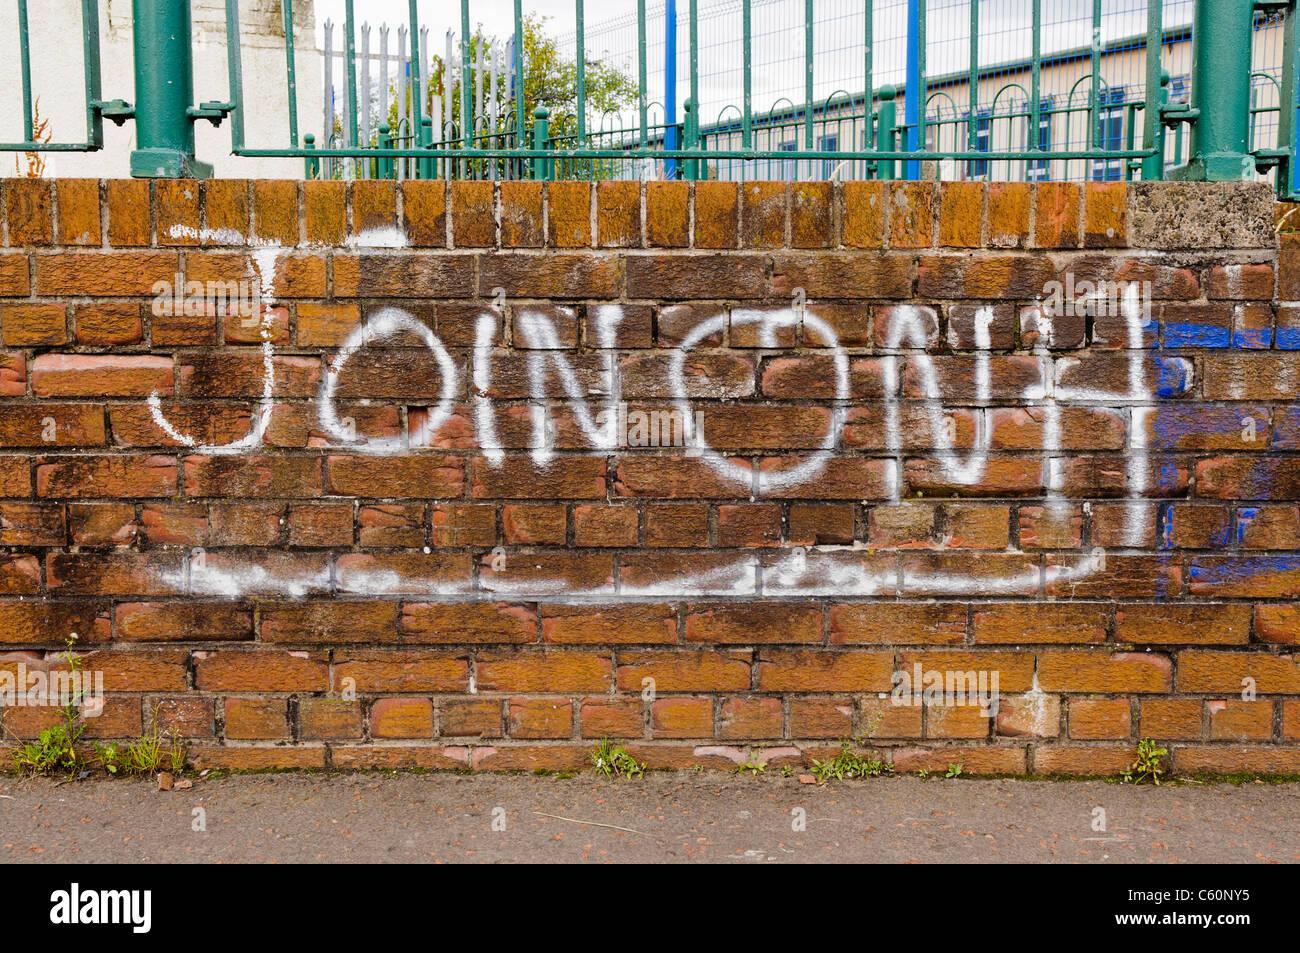 graffiti calling on people to join Óglaigh na hÉireann onh stock